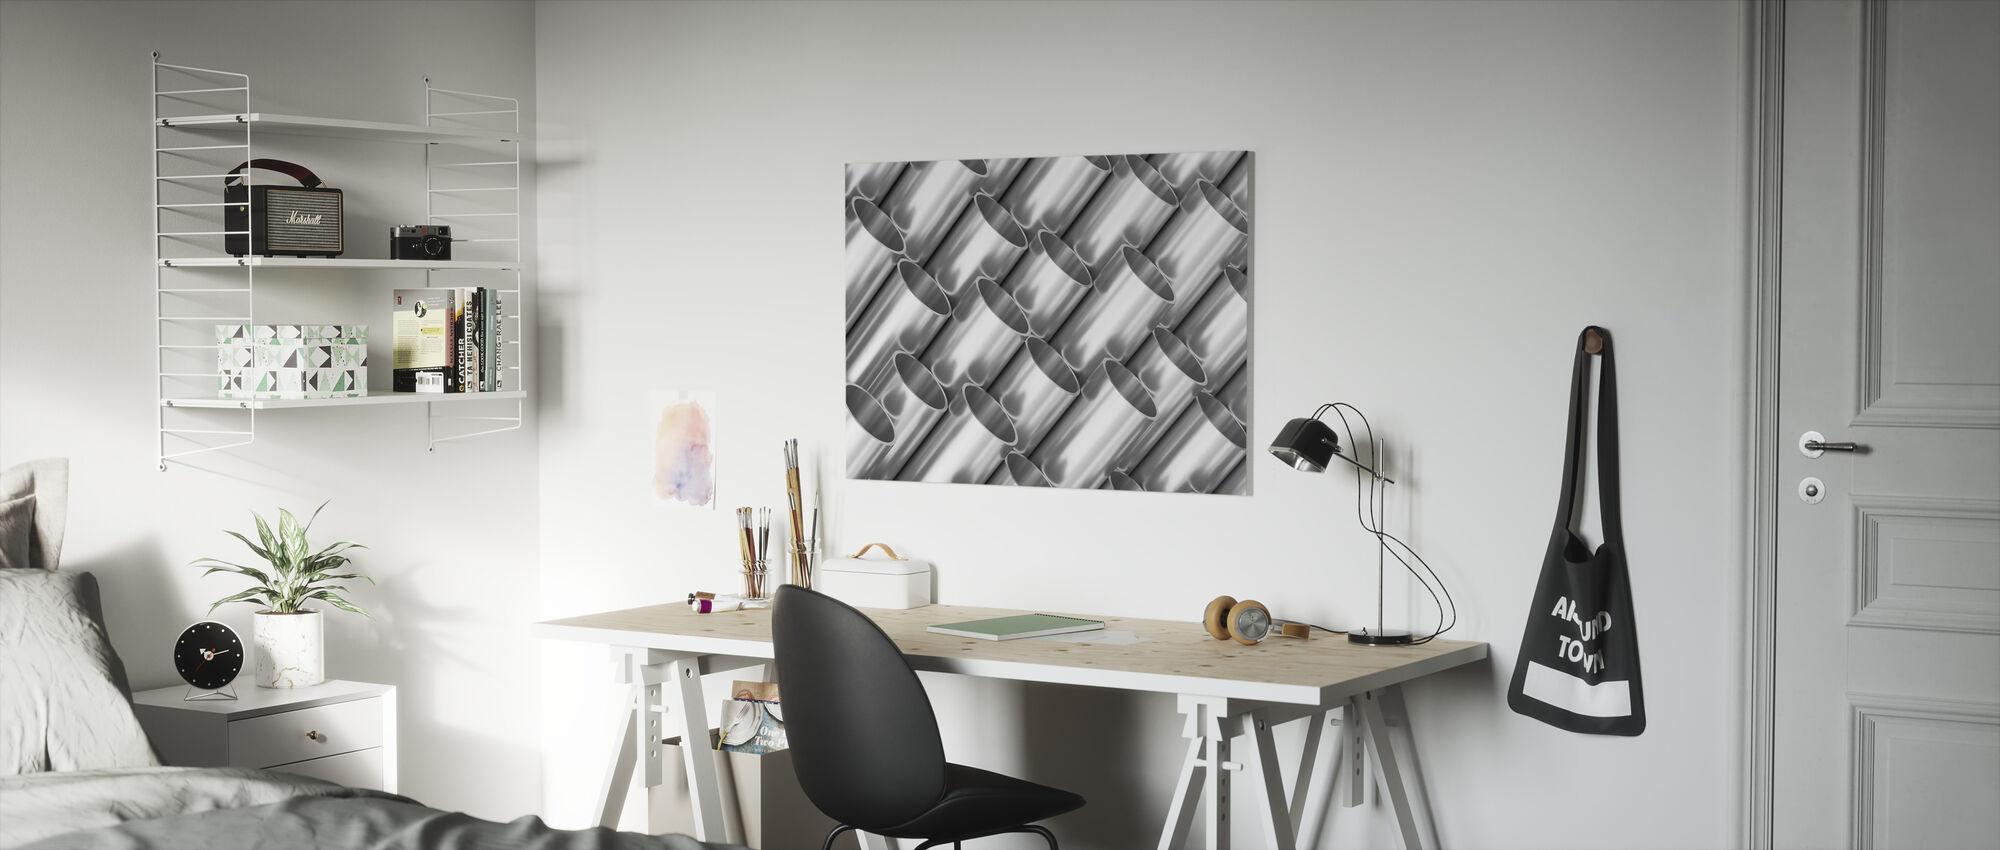 Metalen buizen - Canvas print - Kinderkamer